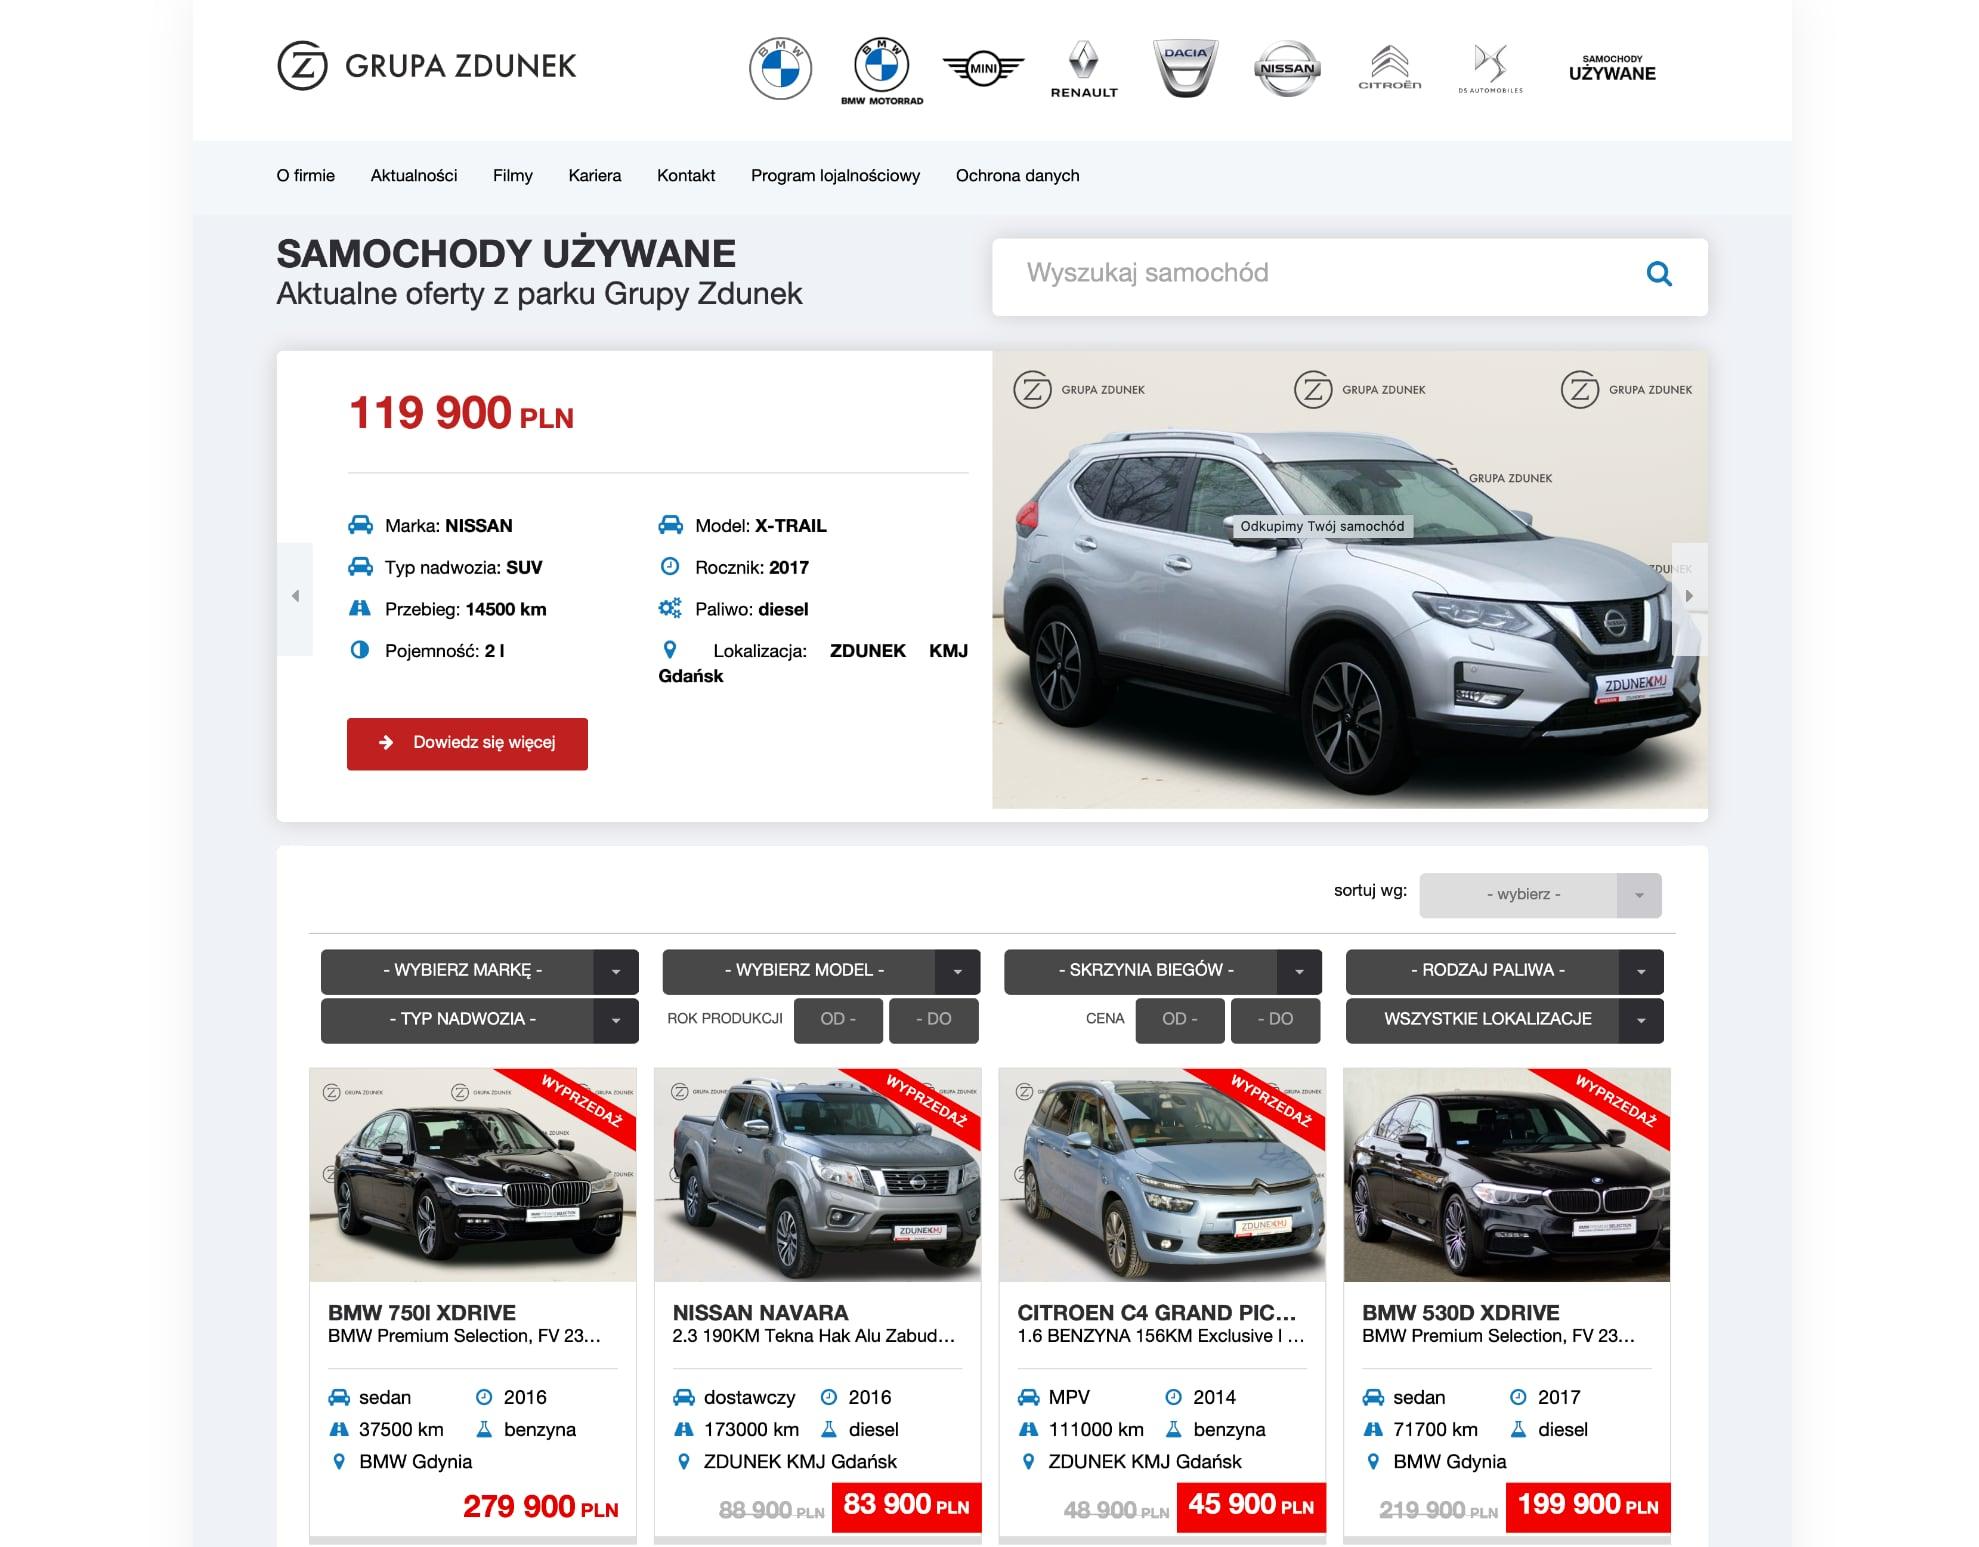 Grupa Zdunek – samochody używane